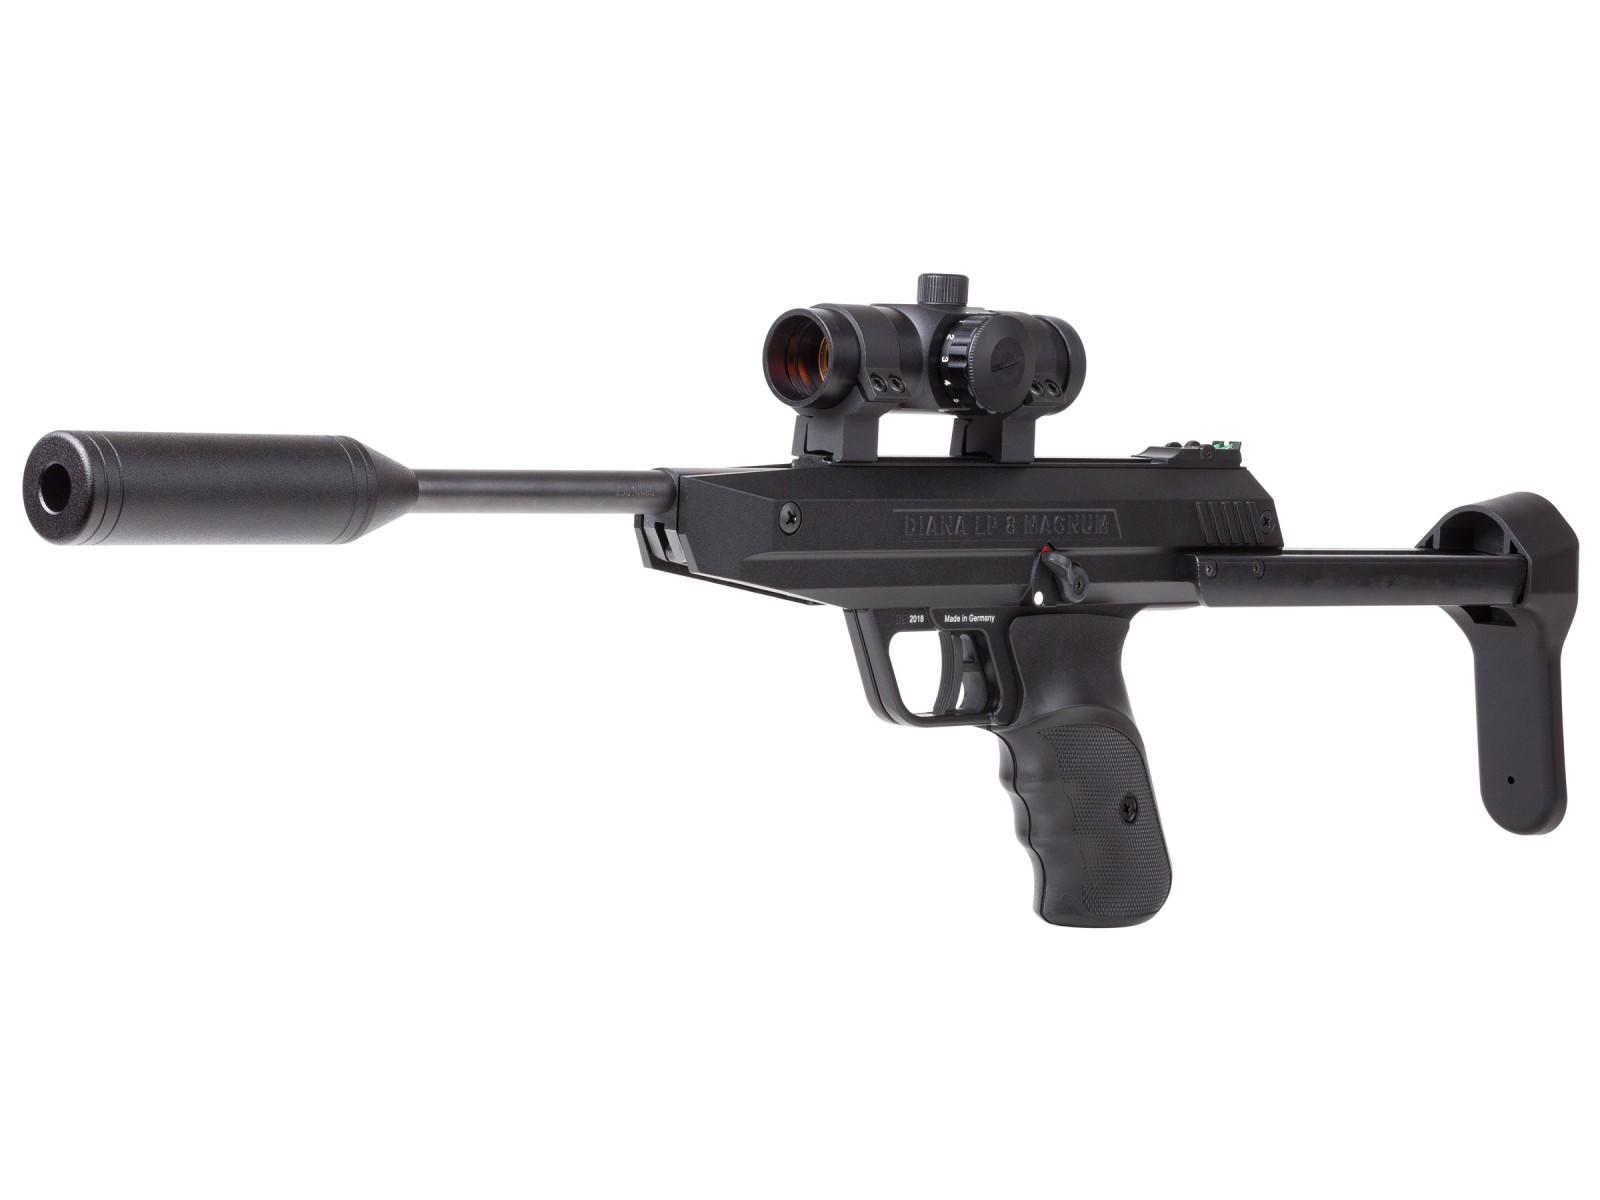 Diana LP8 Tactical Carbine 0.177 Image